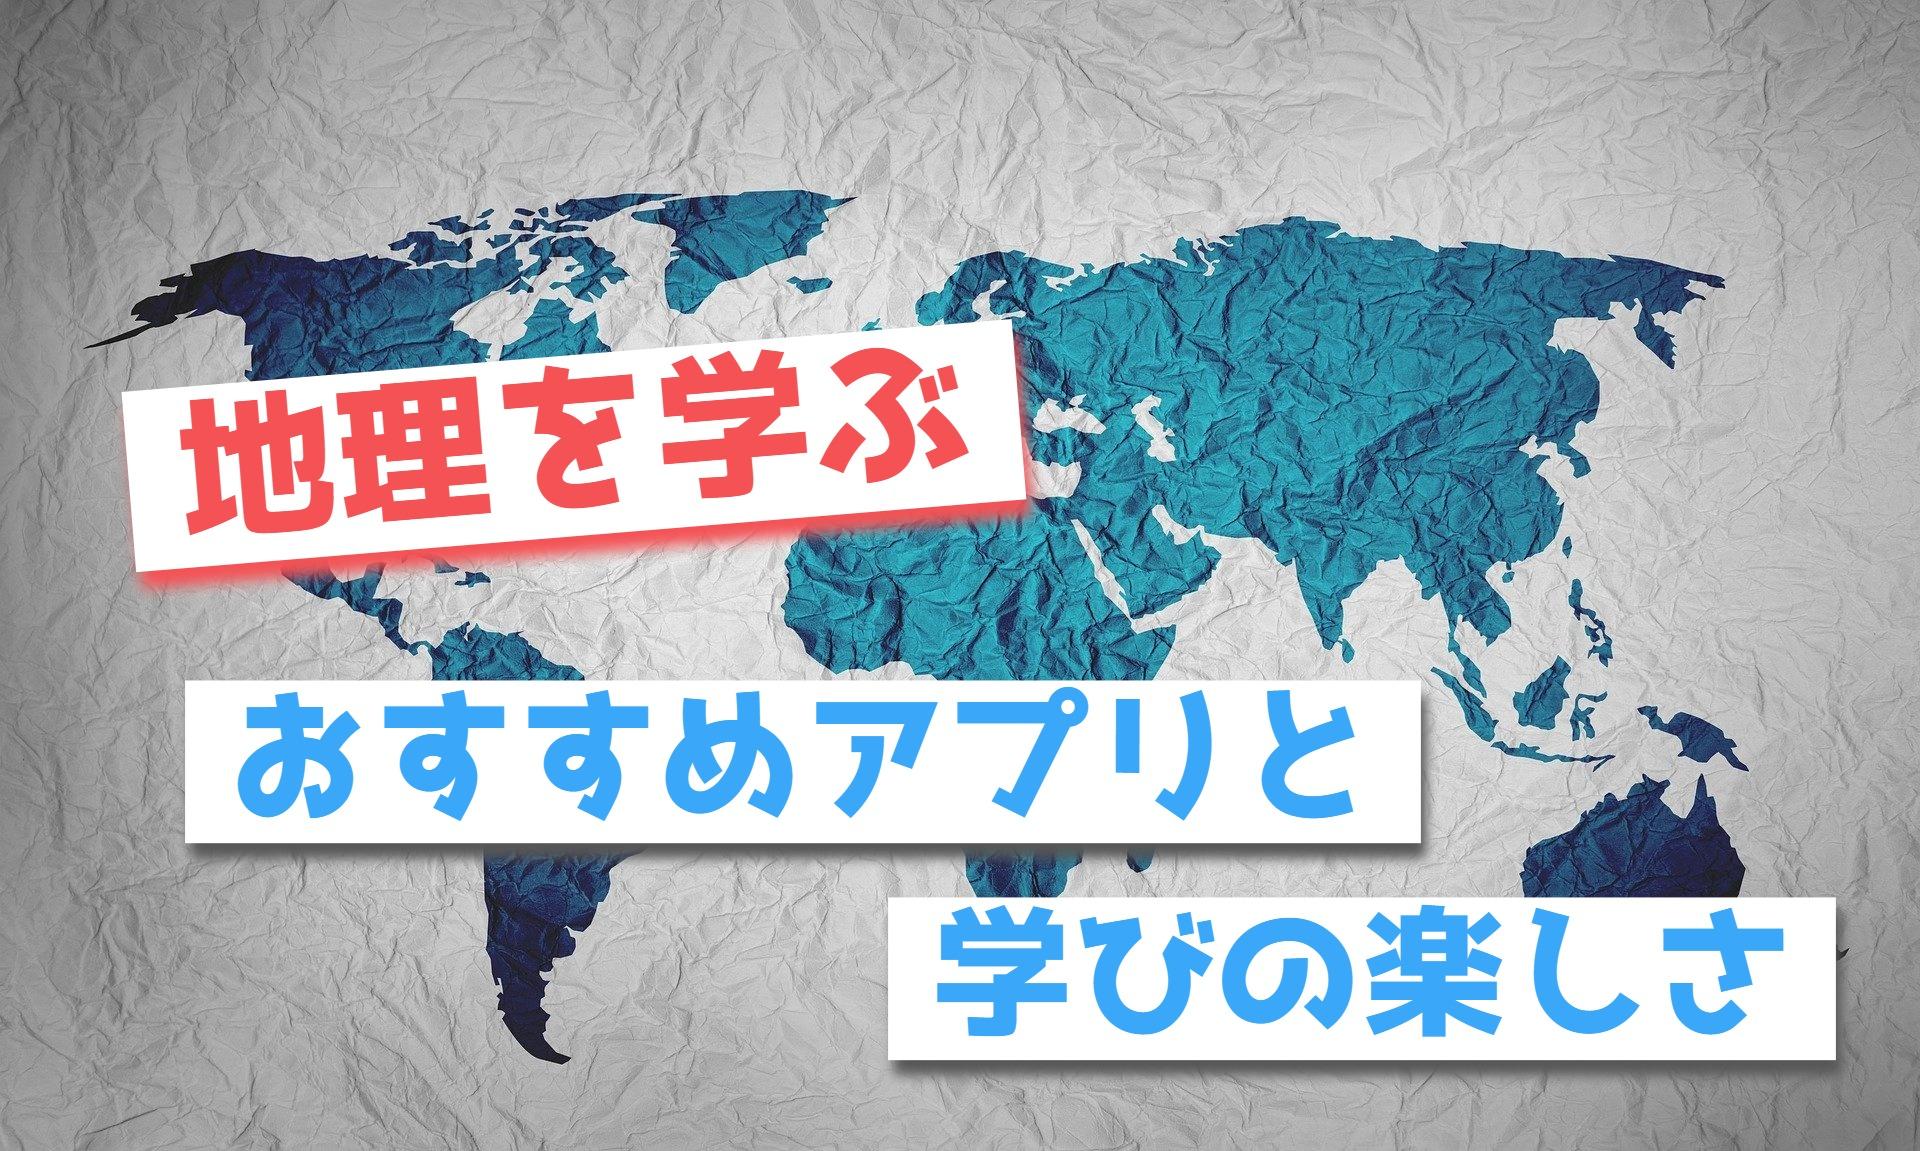 地理を学ぶ楽しさと地理を覚える為のおすすめアプリ